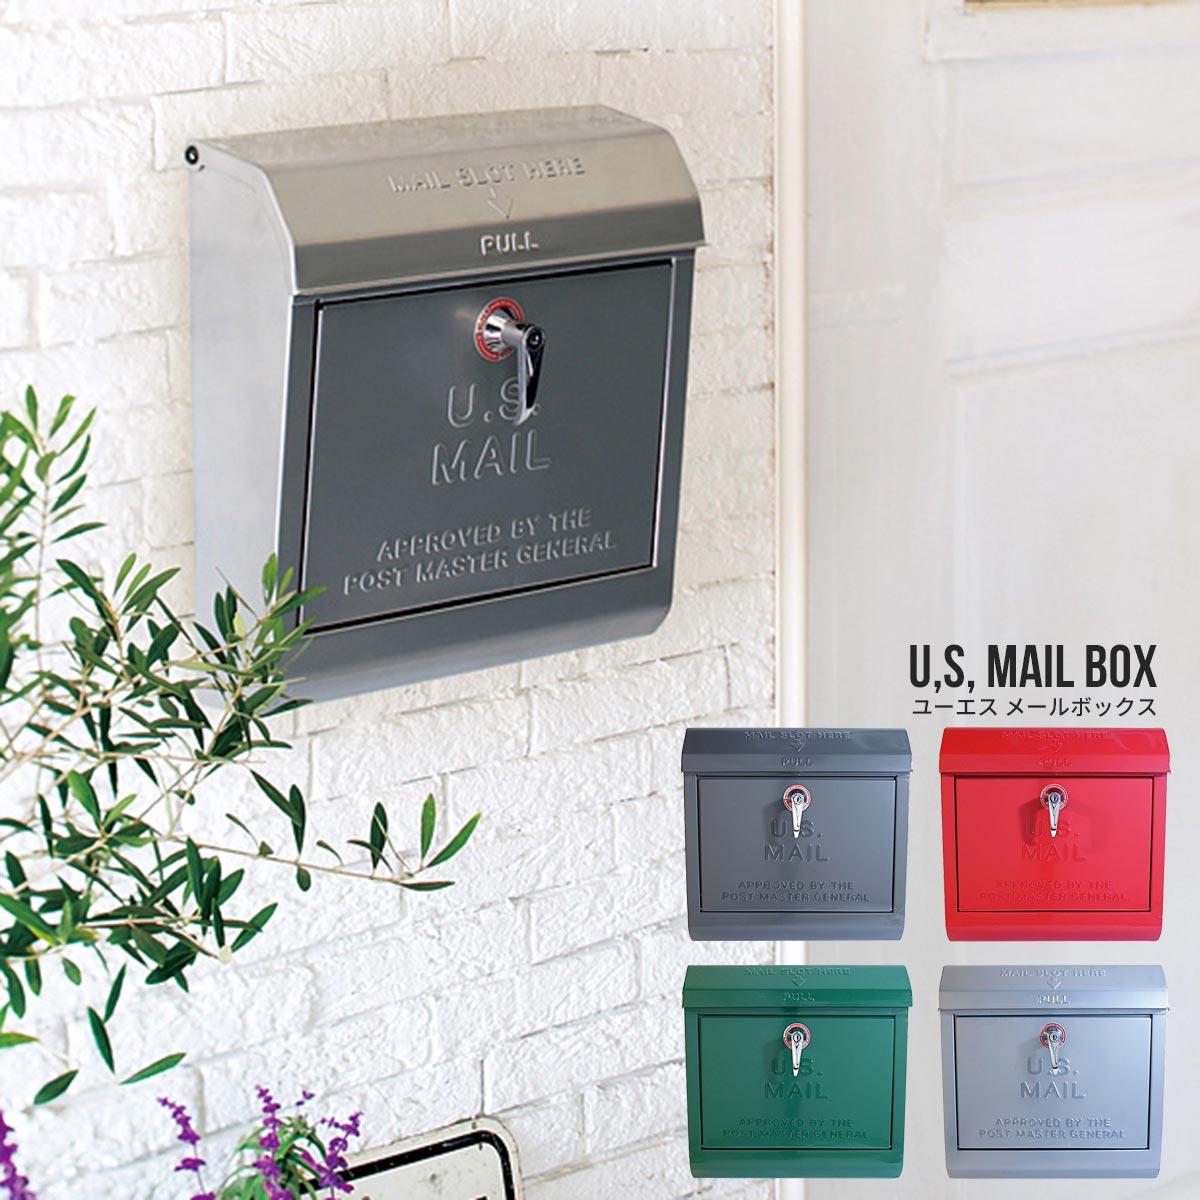 【あす楽】U.S.Mail box ユーエス メールボックス(ロゴ付き) 送料無料